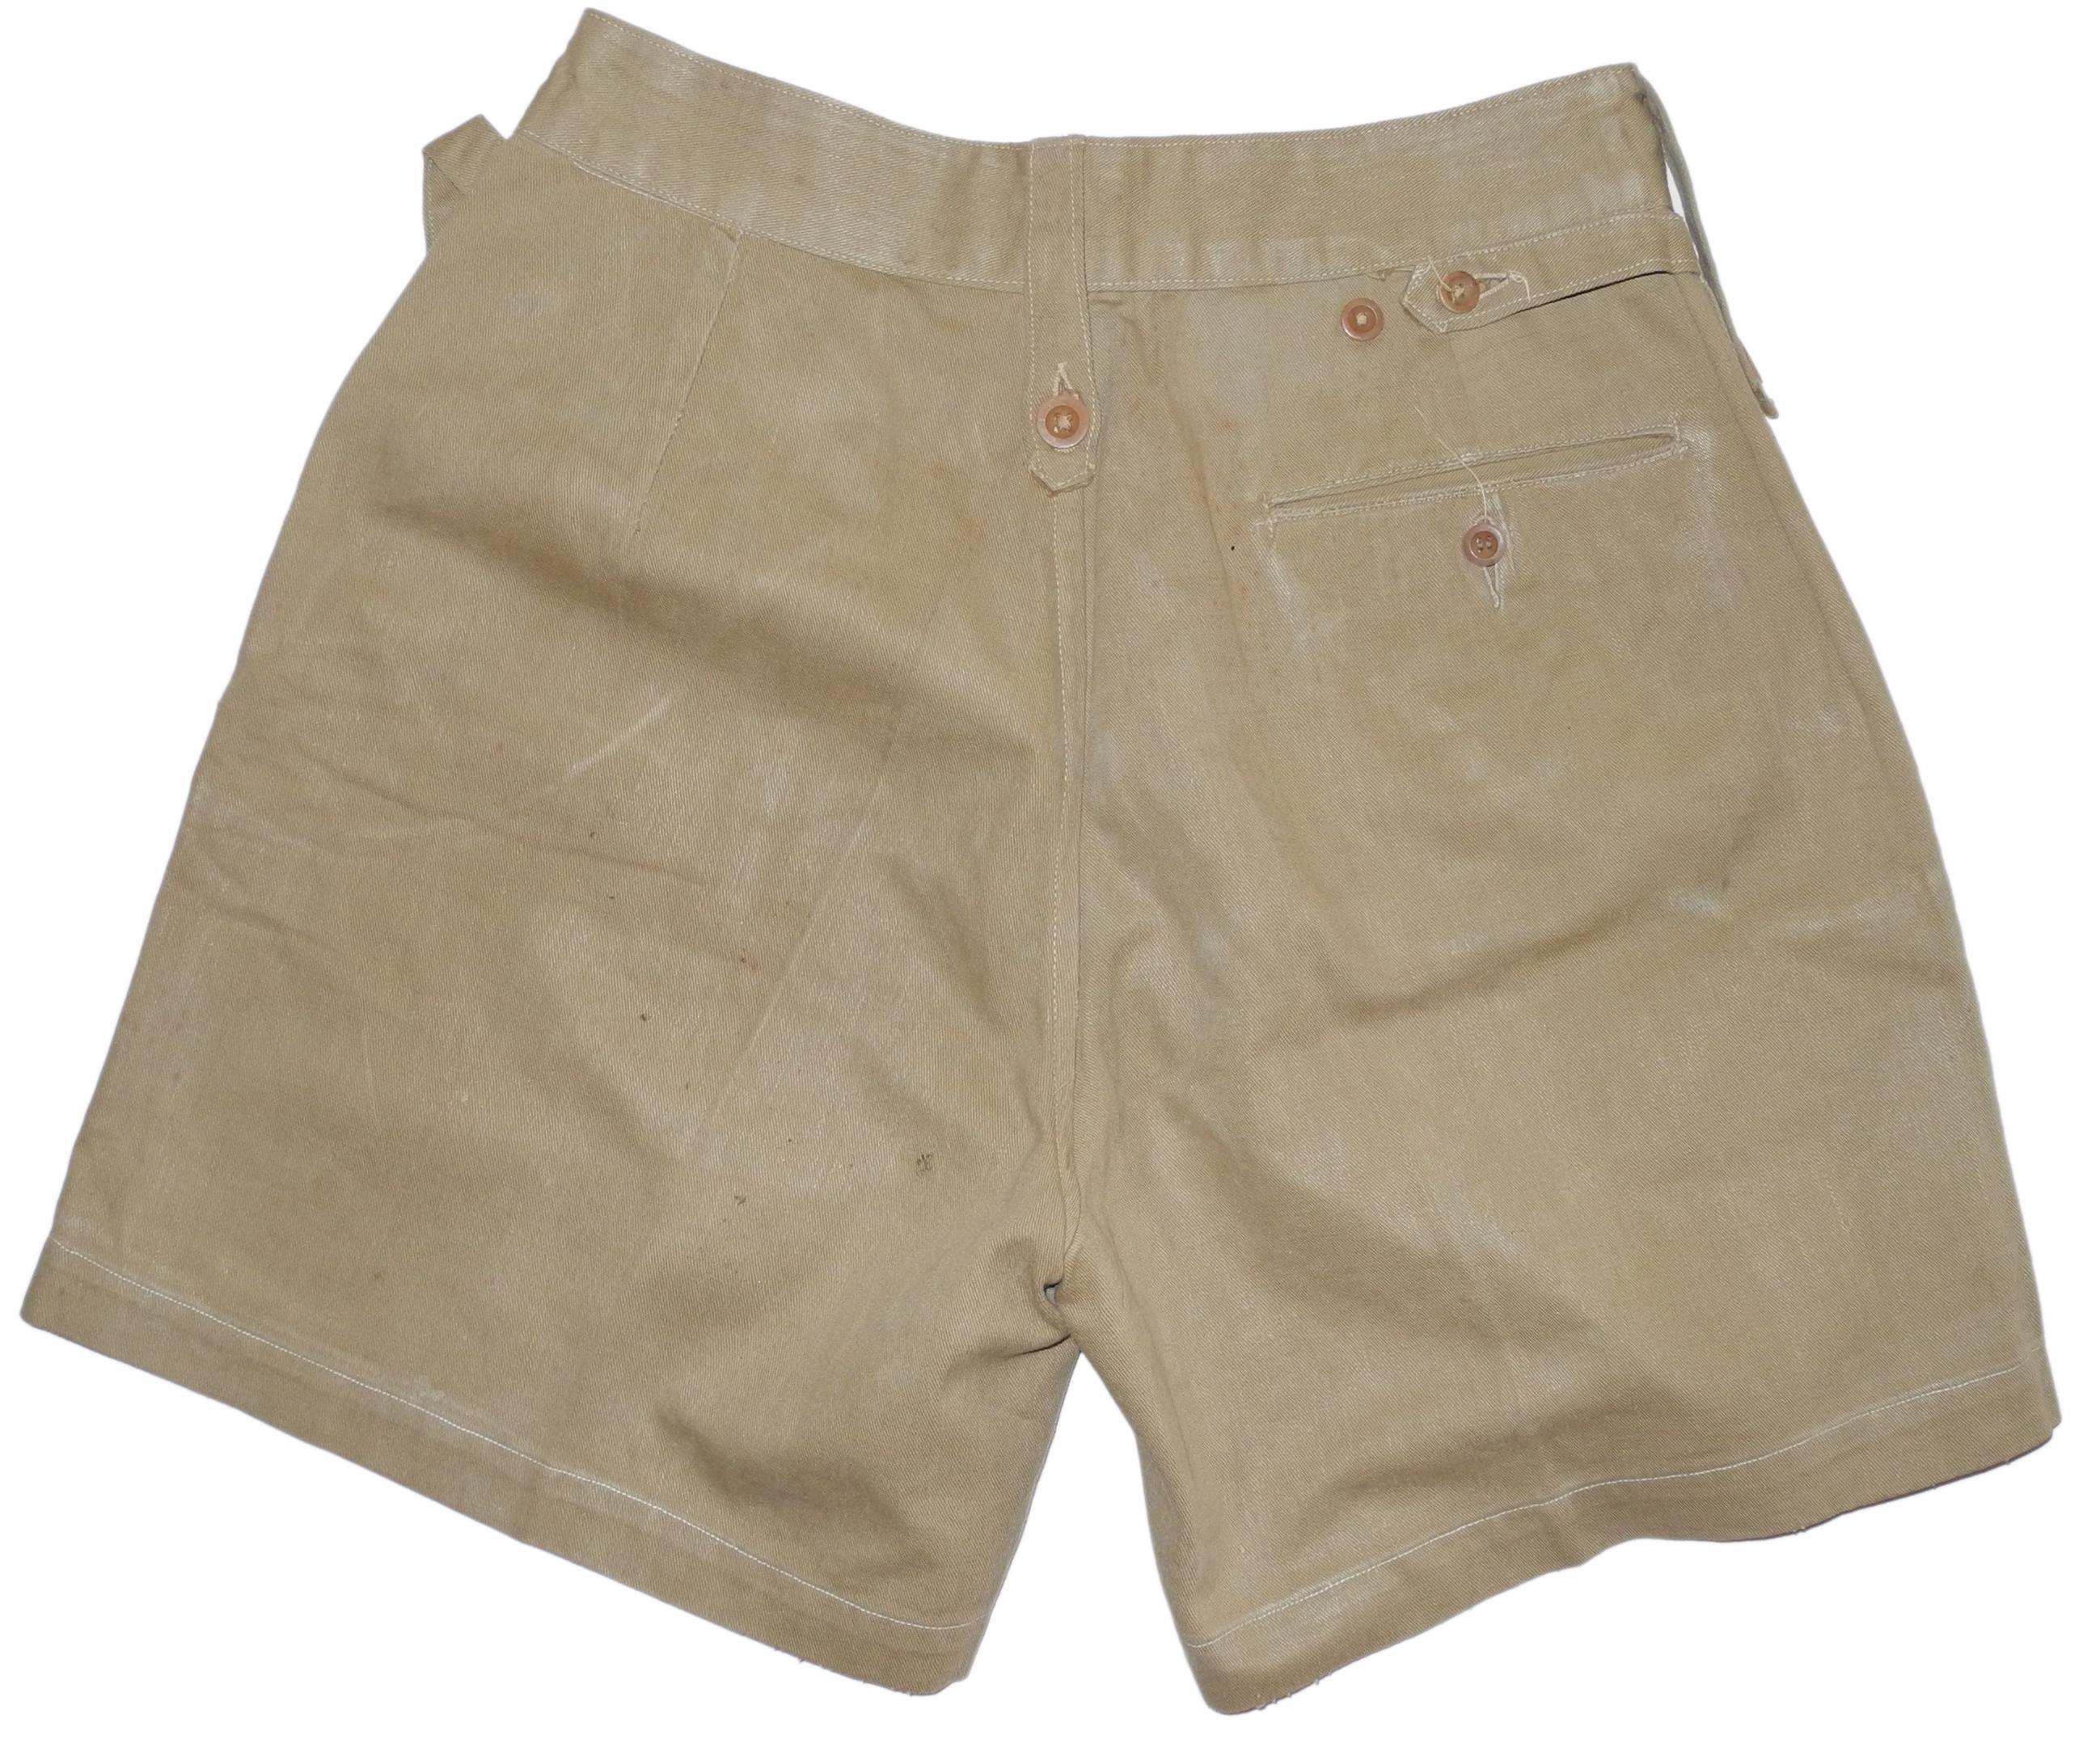 RAF khaki uniform shorts